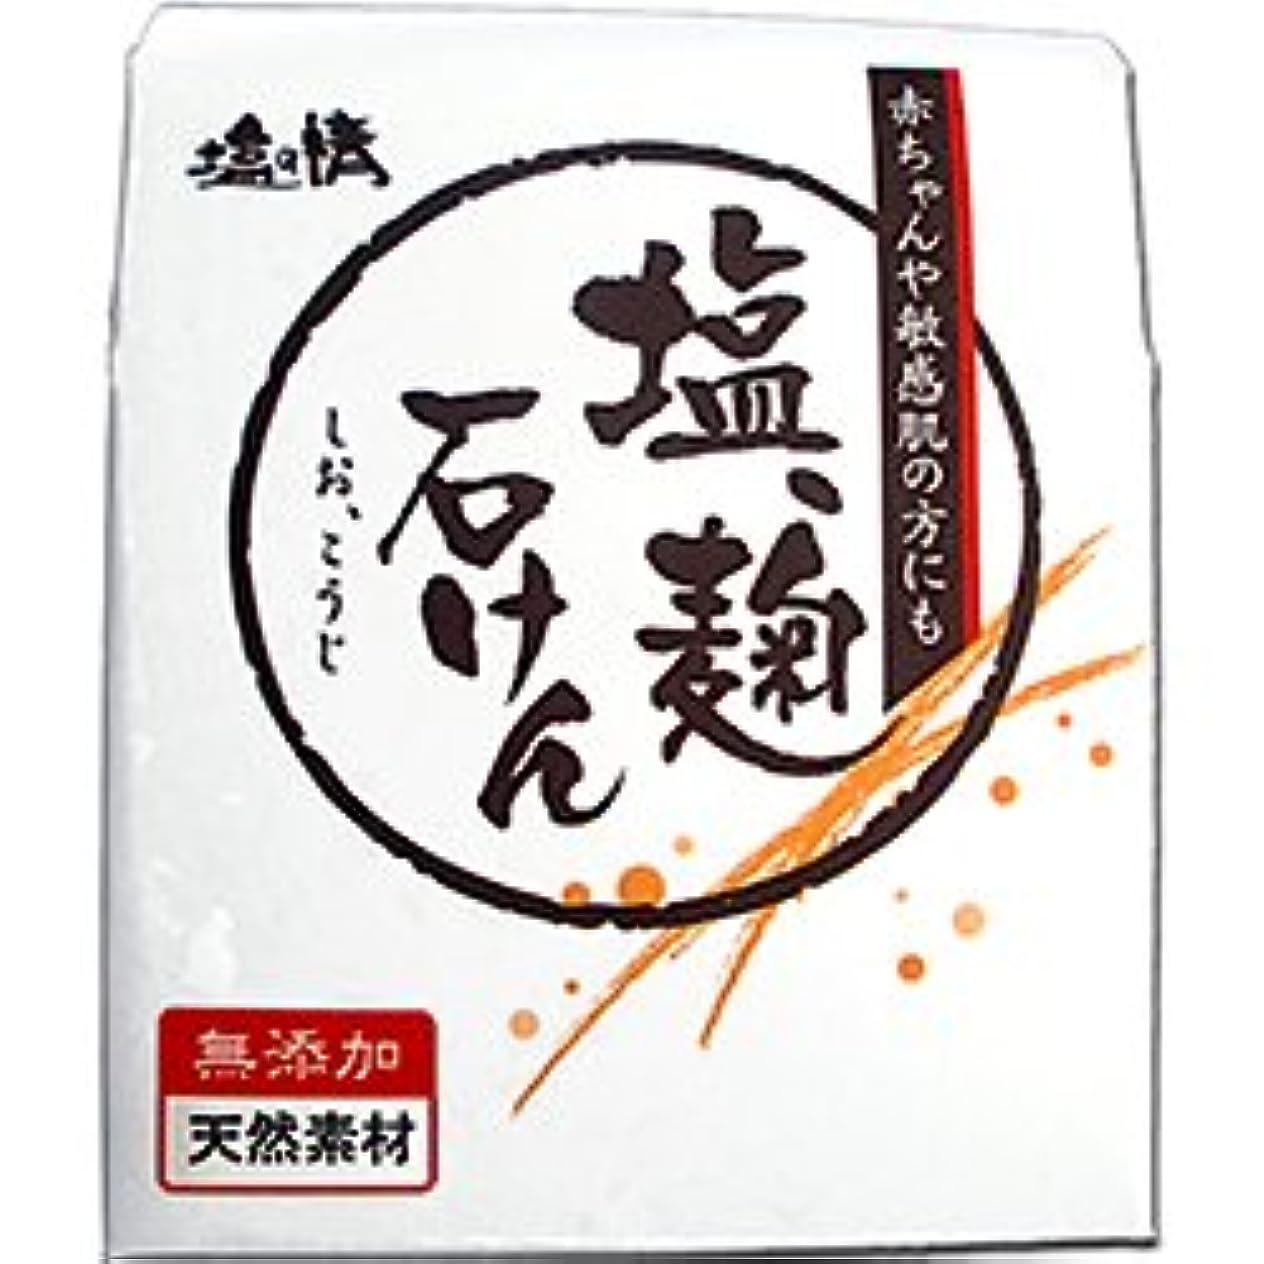 磁気しかしながら落ち着いて【ダイムヘルスケア】塩の精 塩、麹石けん(しお、こうじせっけん) 無添加?天然素材 80g ×20個セット